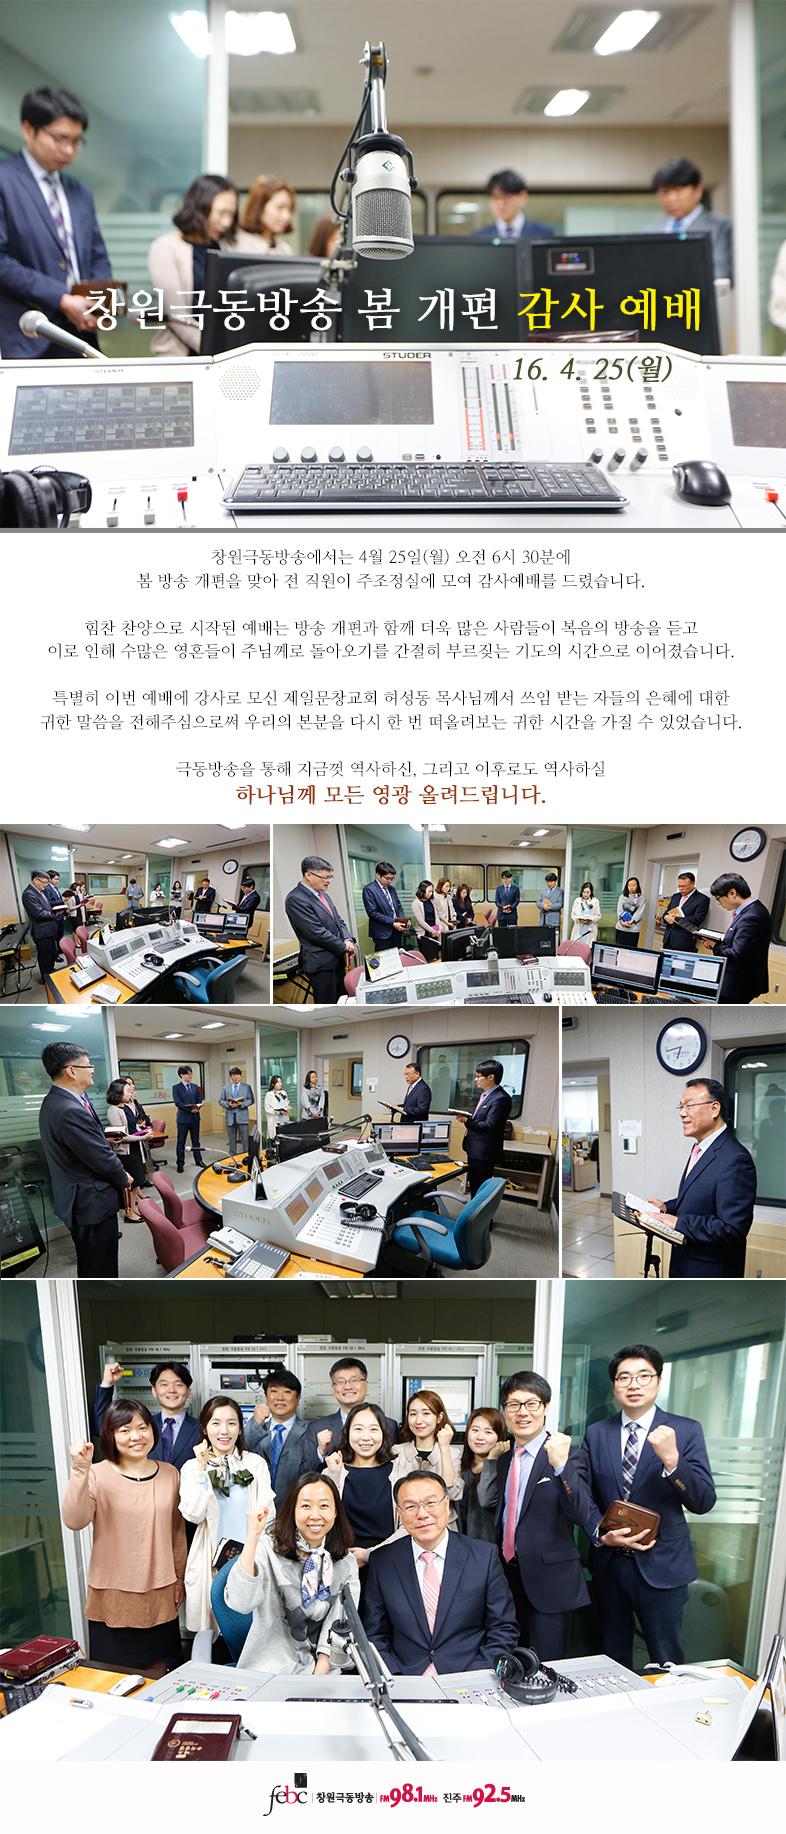 20160425(월) 창원극동방송 봄 개편 감사예배.jpg